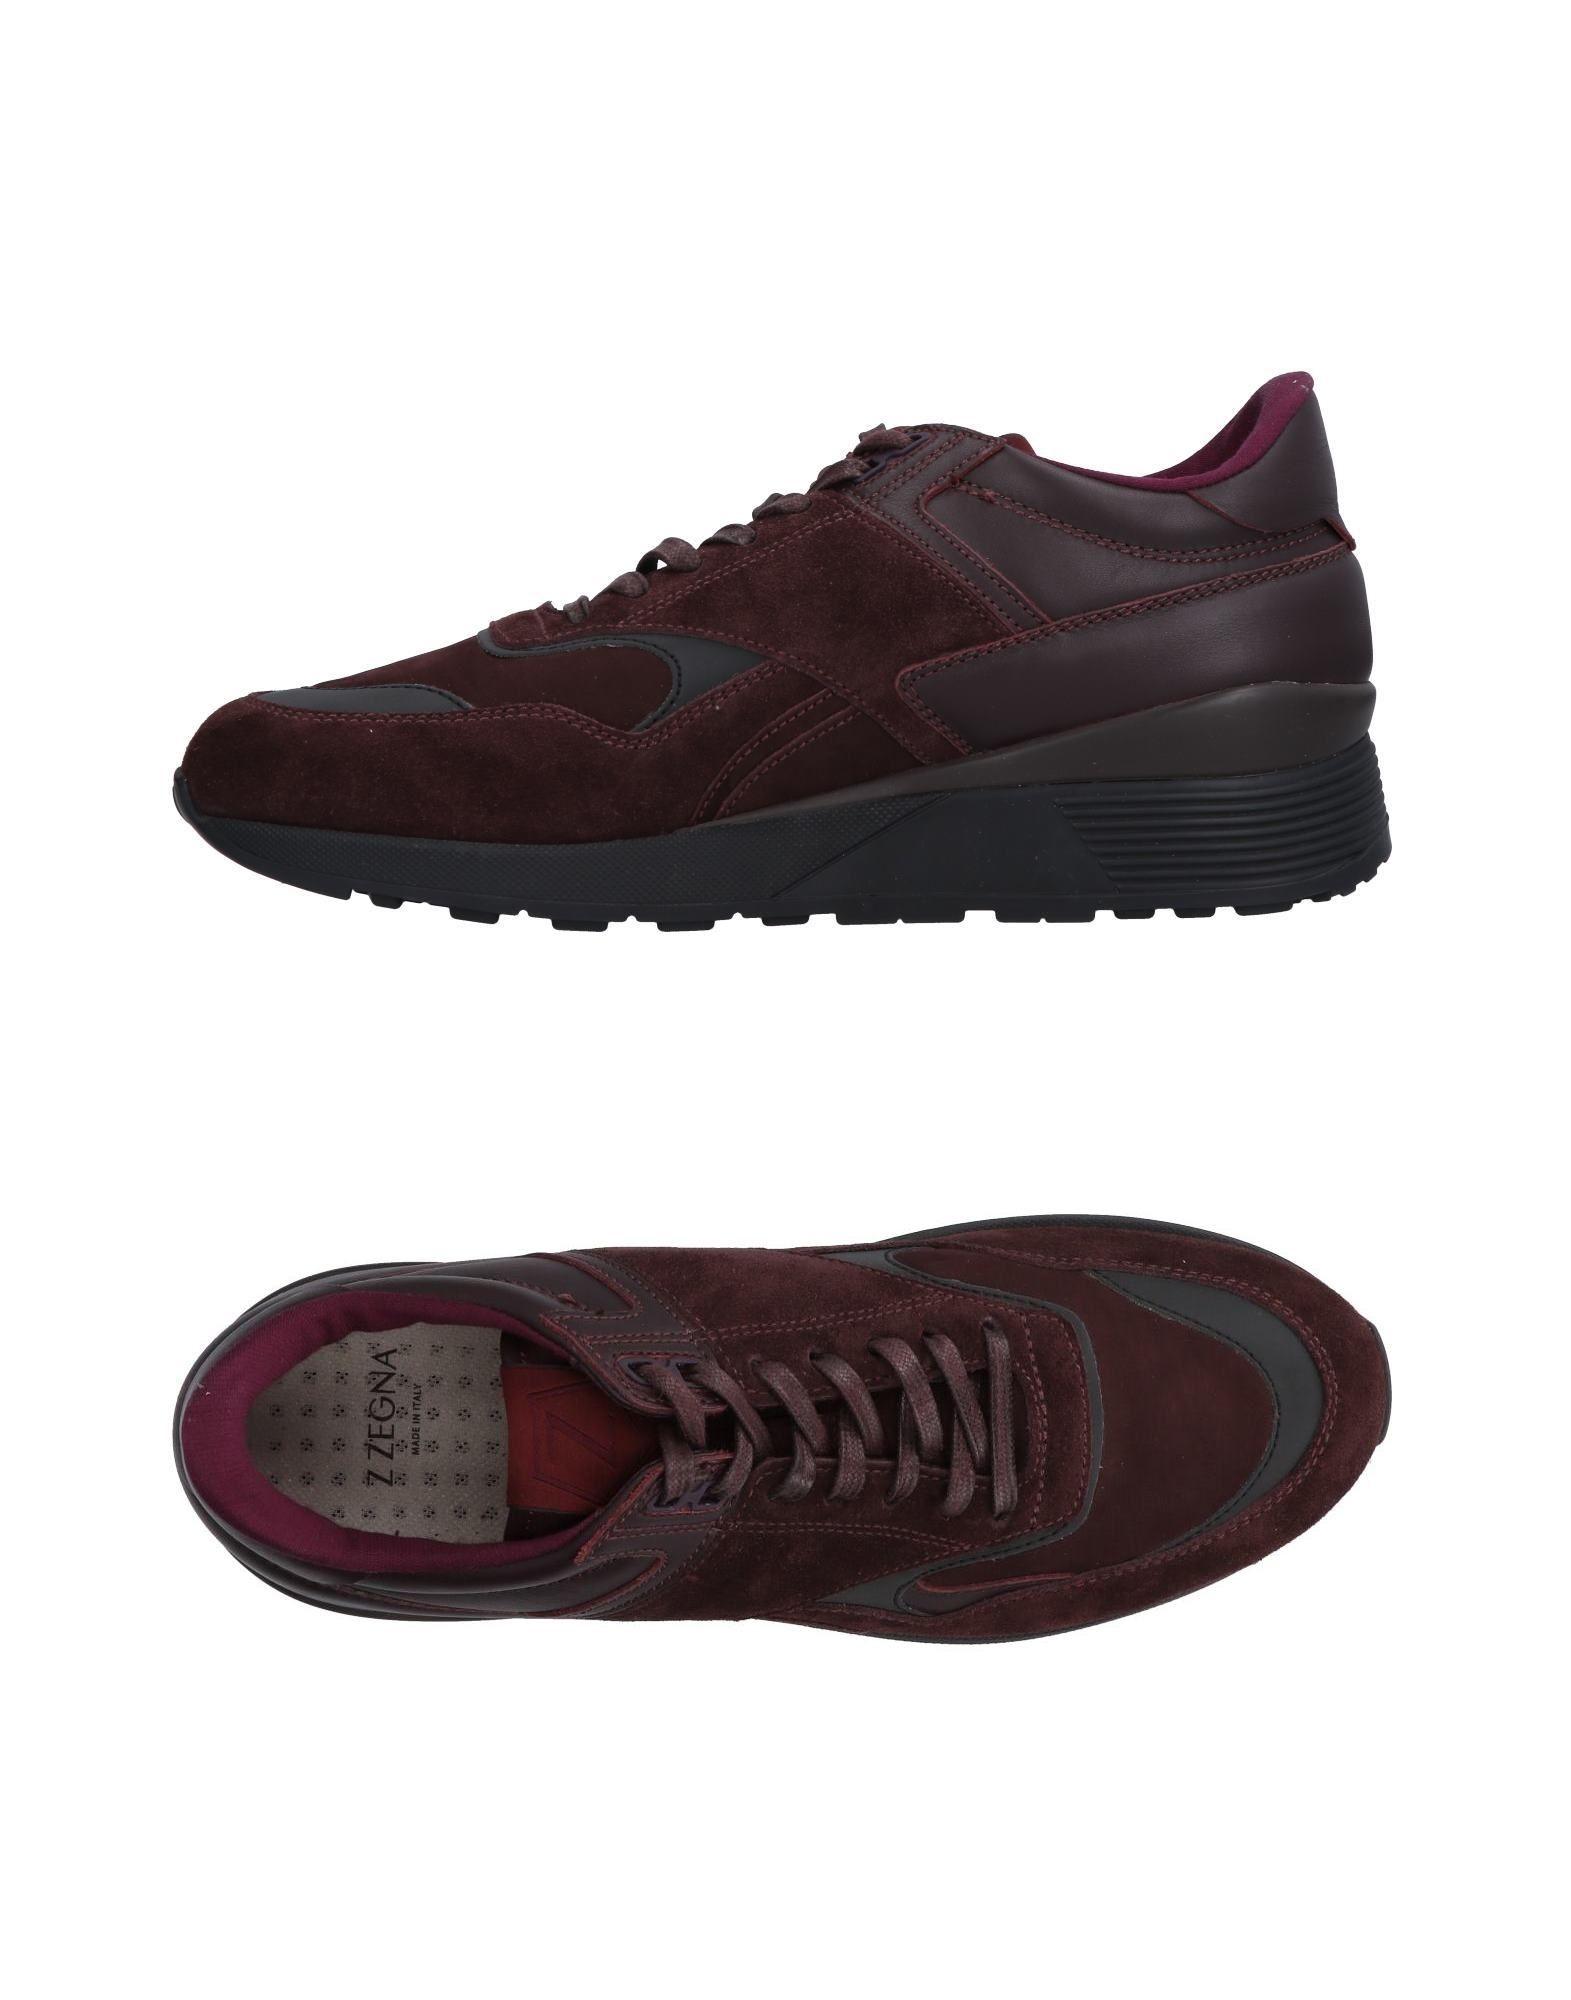 Zzegna Sneakers Herren  11031846LM Gute Qualität beliebte Schuhe